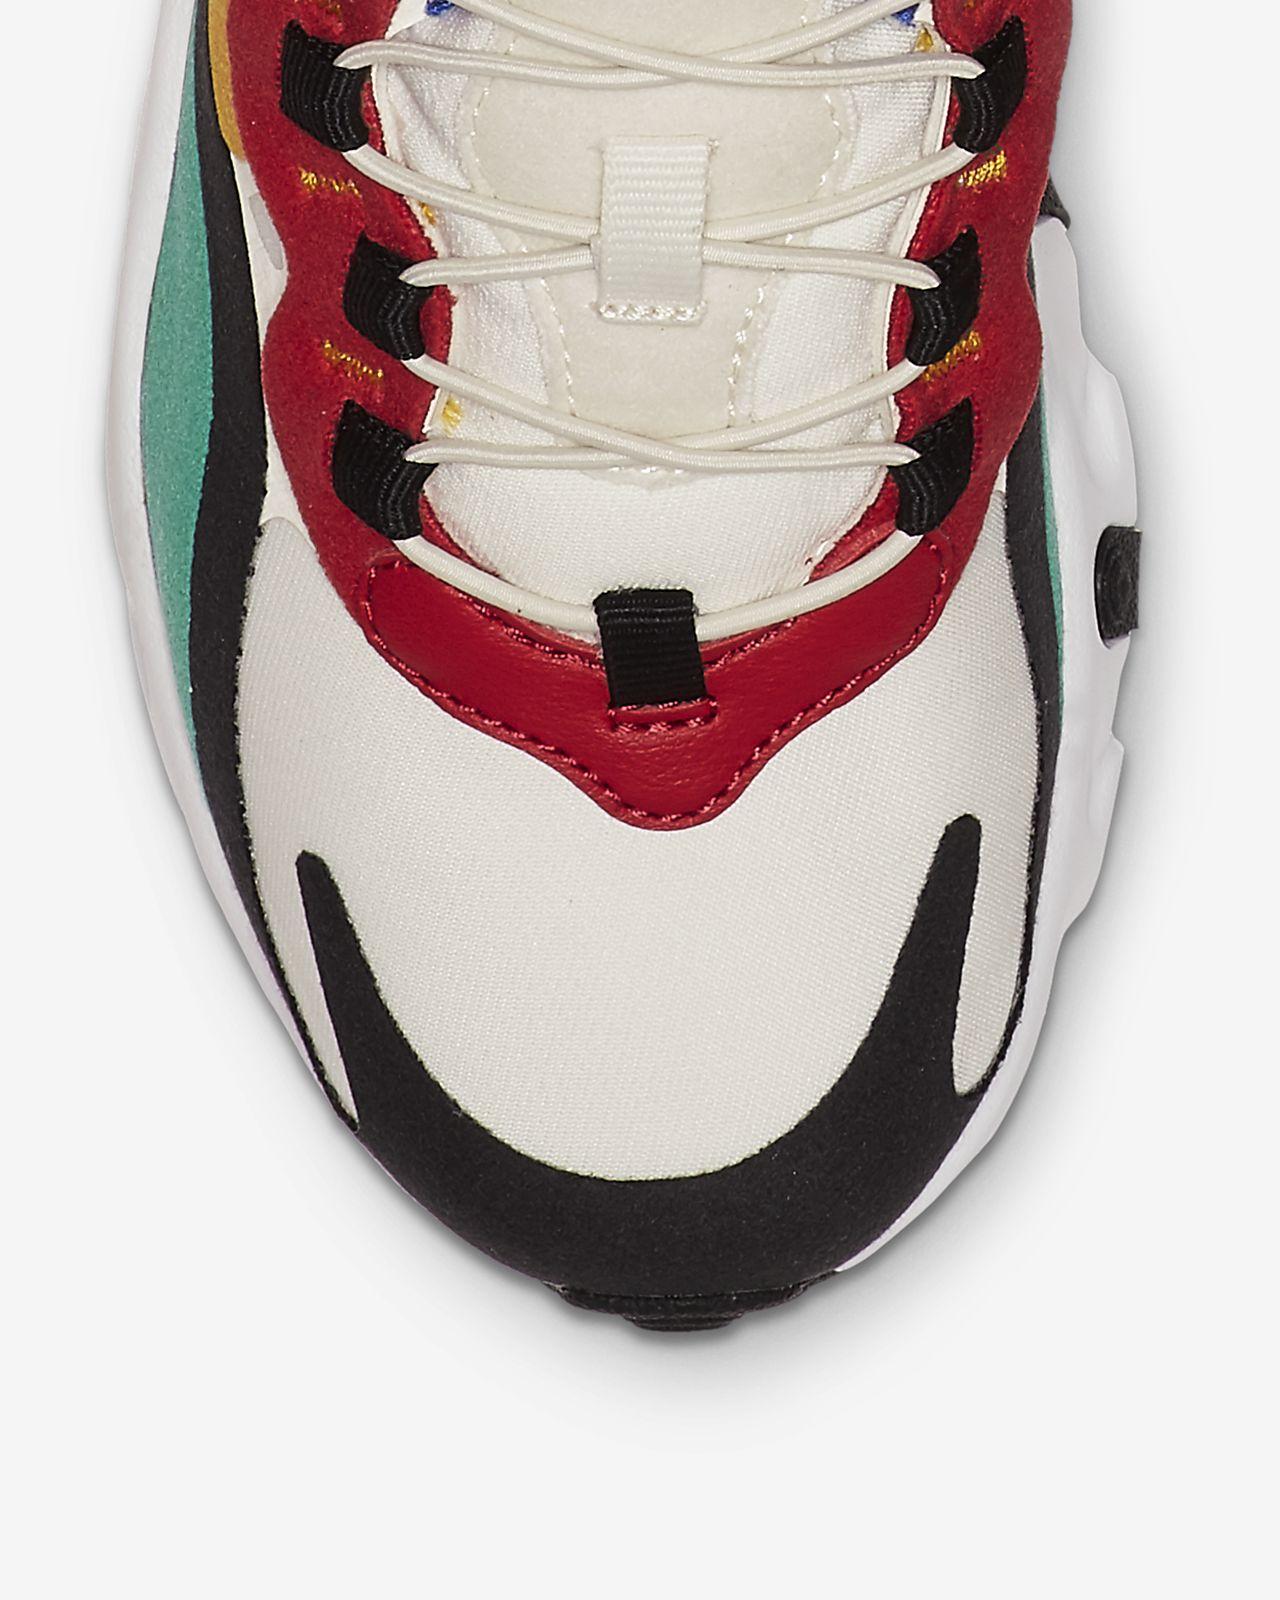 270 scarpe nike bambino